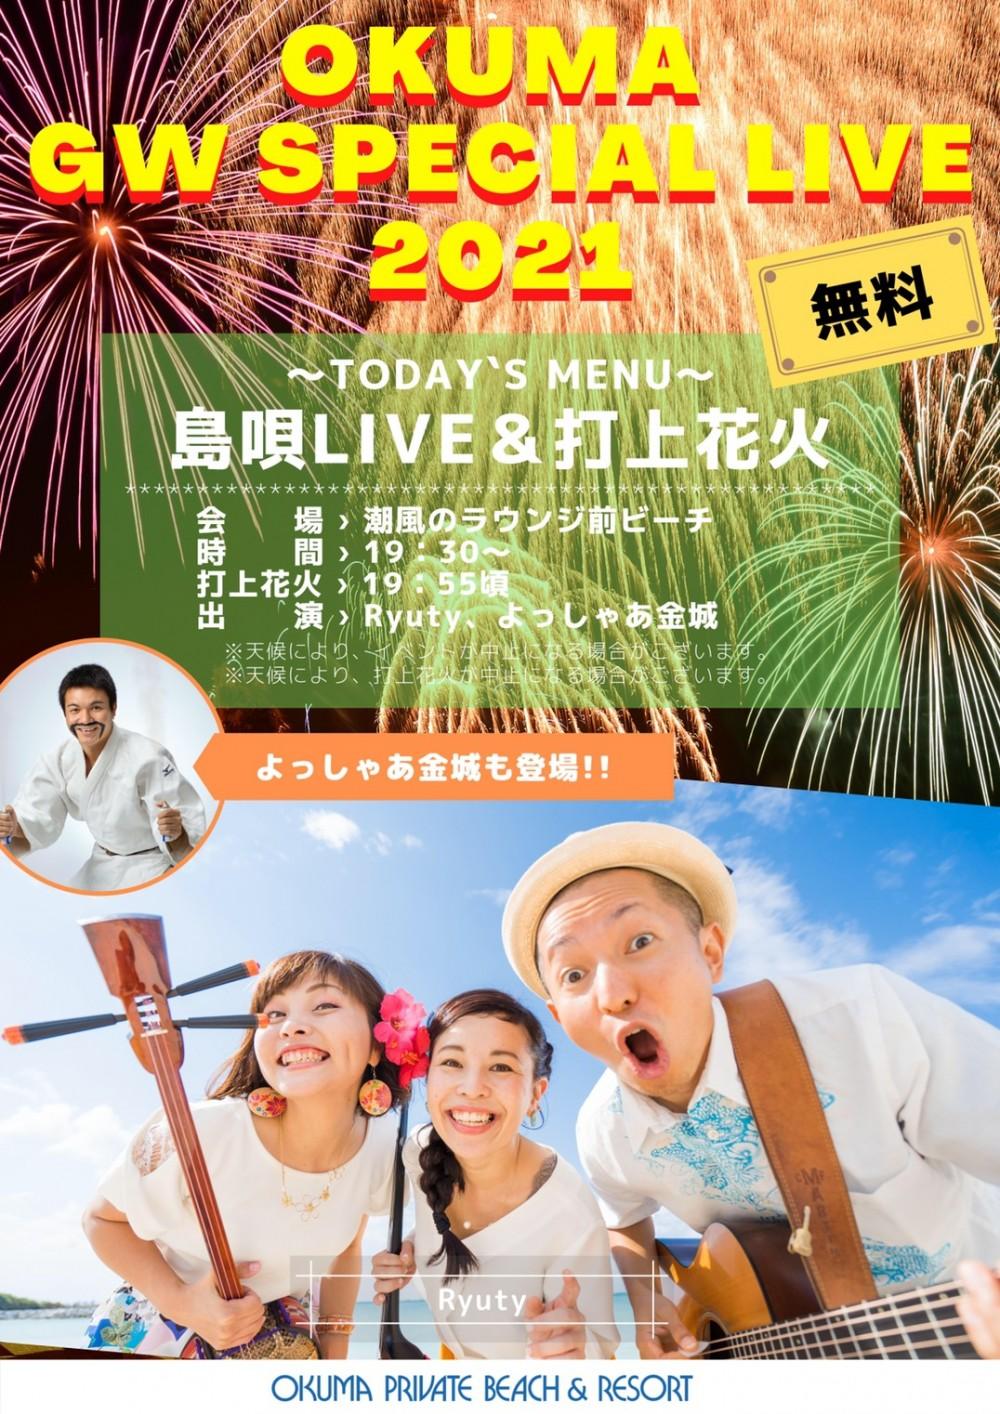 5/3 OKUMA GW SPECIAL LIVE 2021